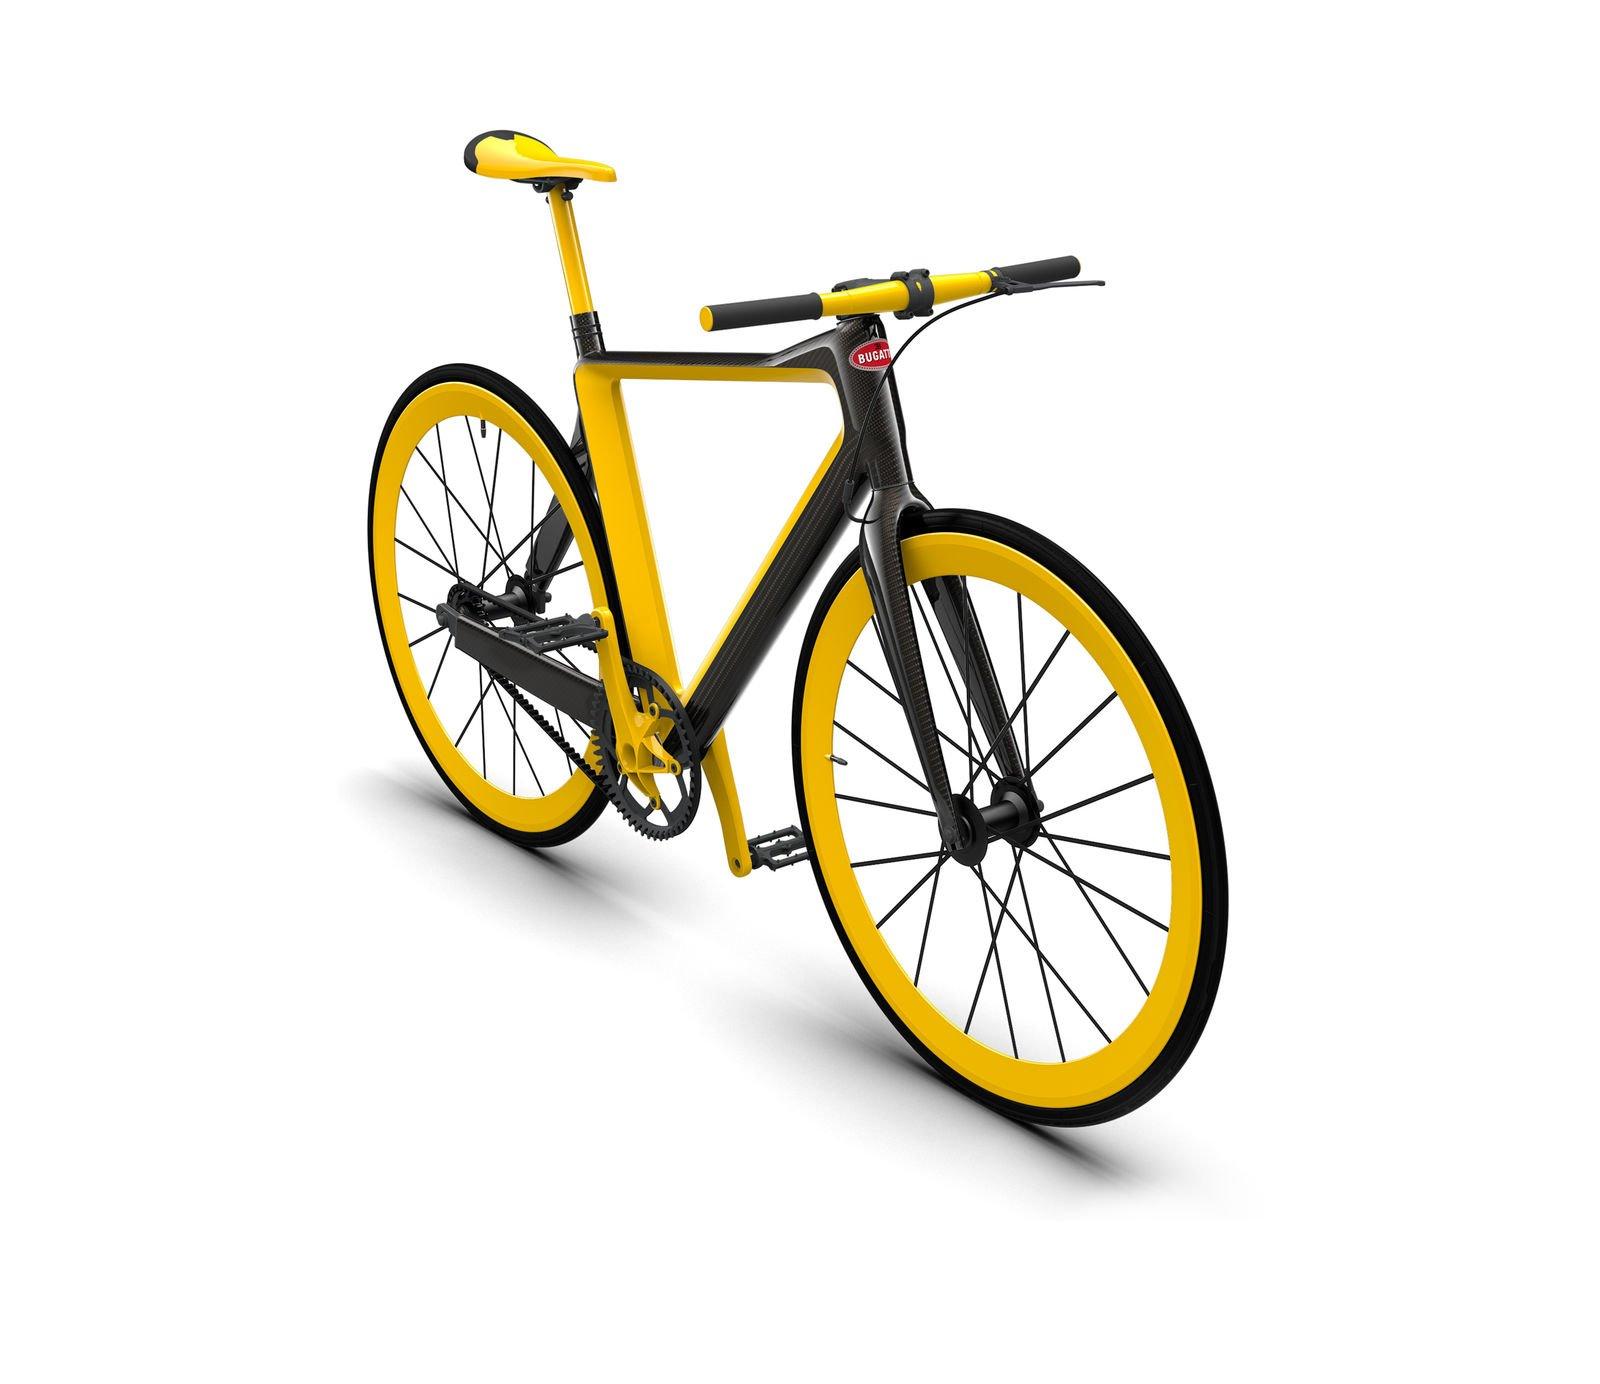 Bugatti-bike-amarilla-TheLuxuryTrends